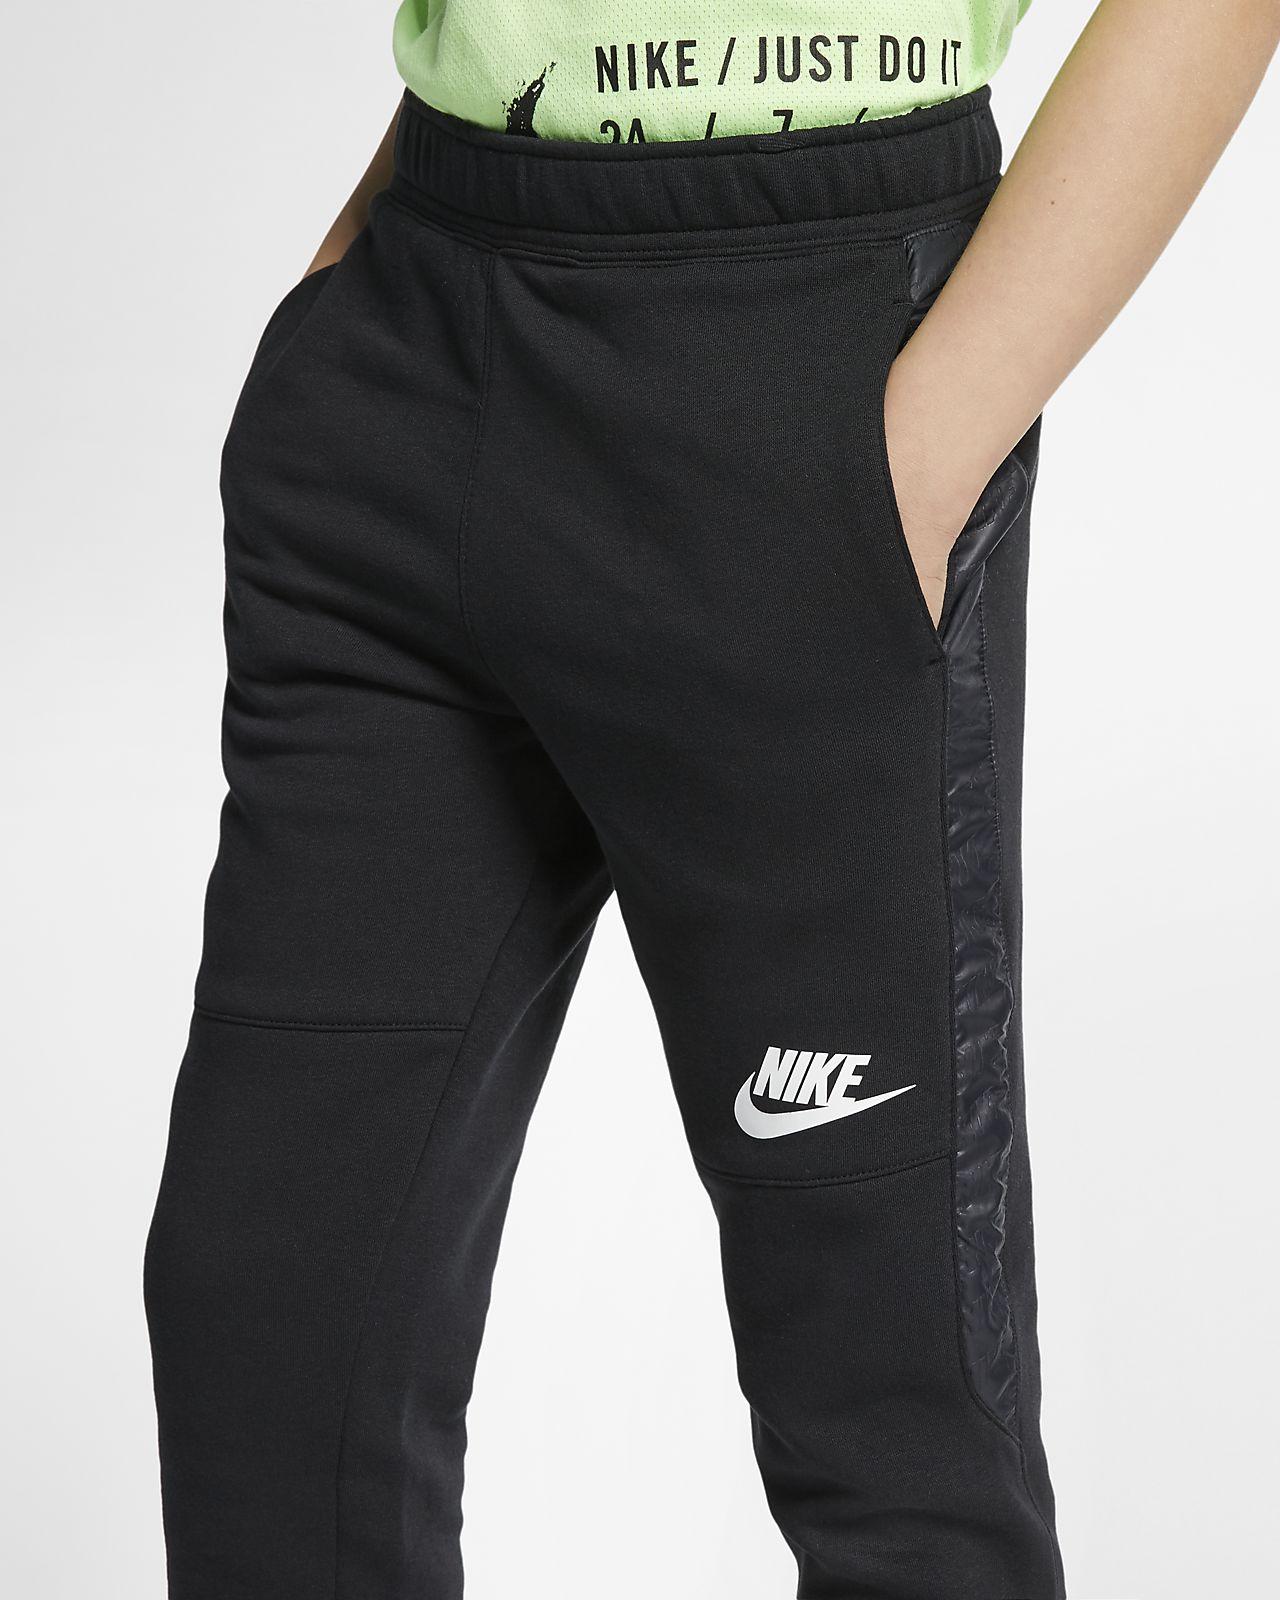 fac506f767 Nike Sportswear Older Kids' Joggers